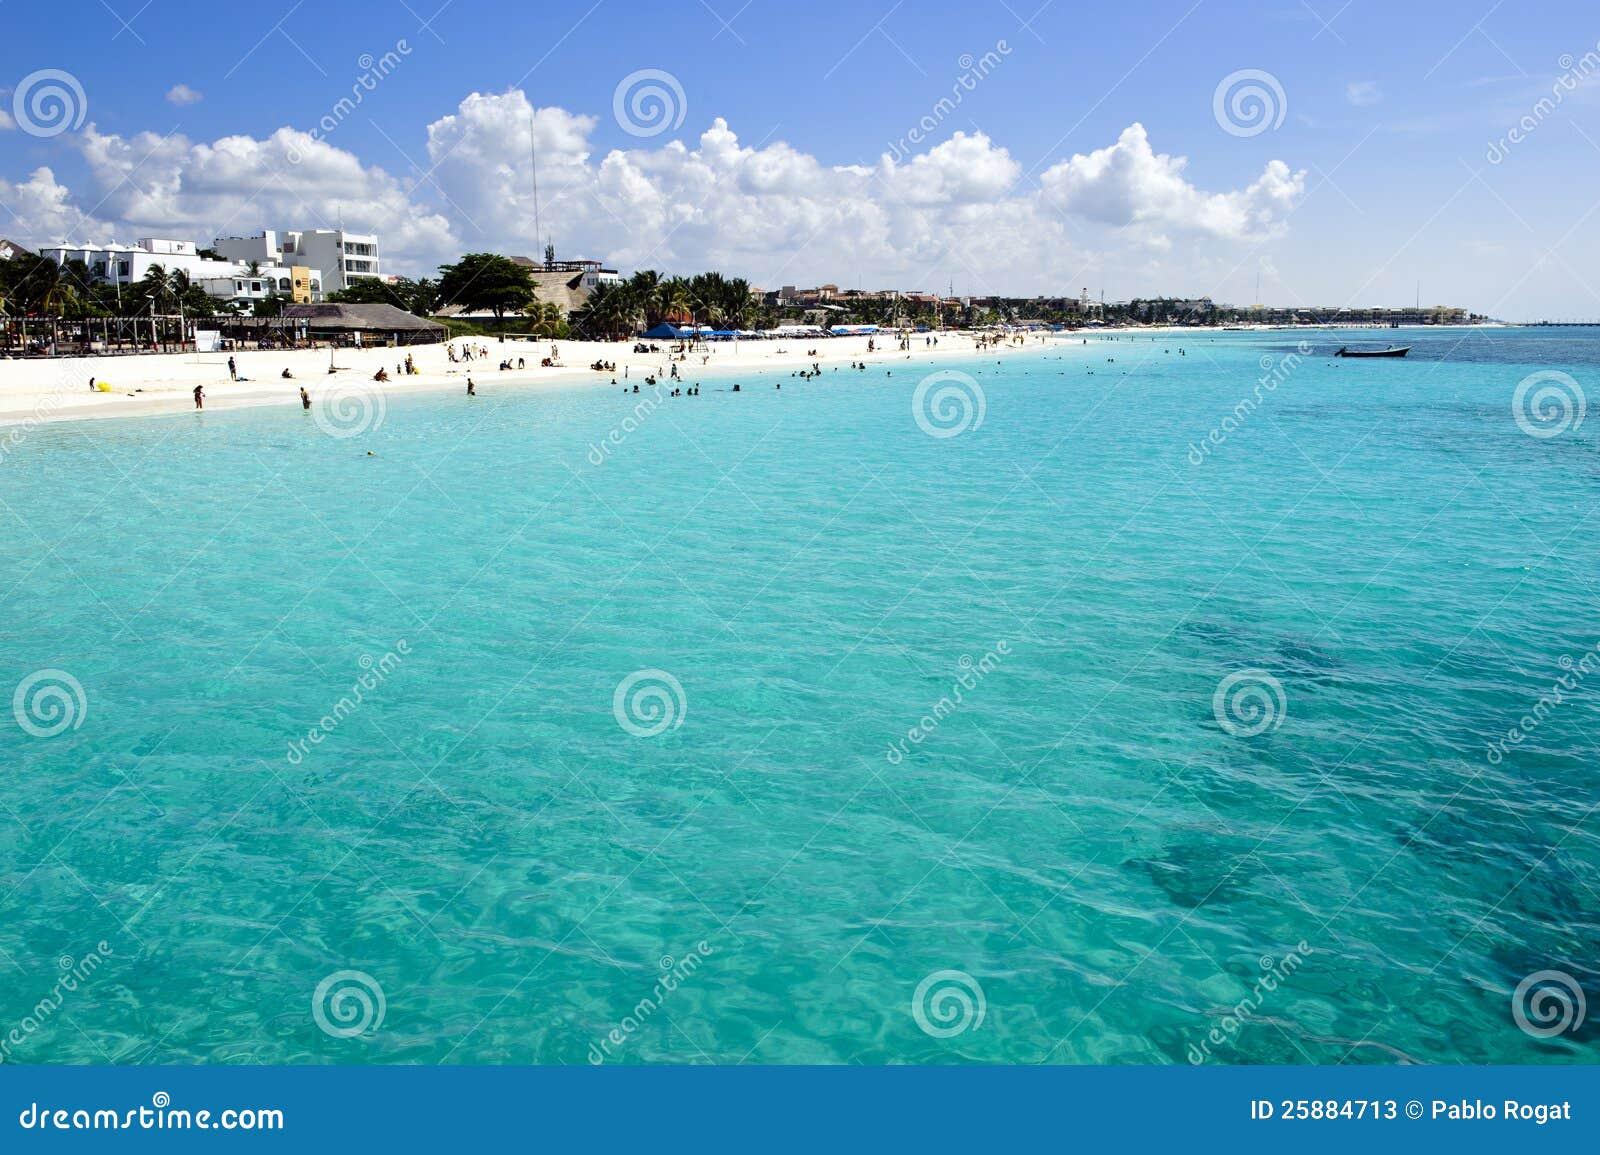 People Enjoying A Caribbean Beach Stock Photos - Image ...